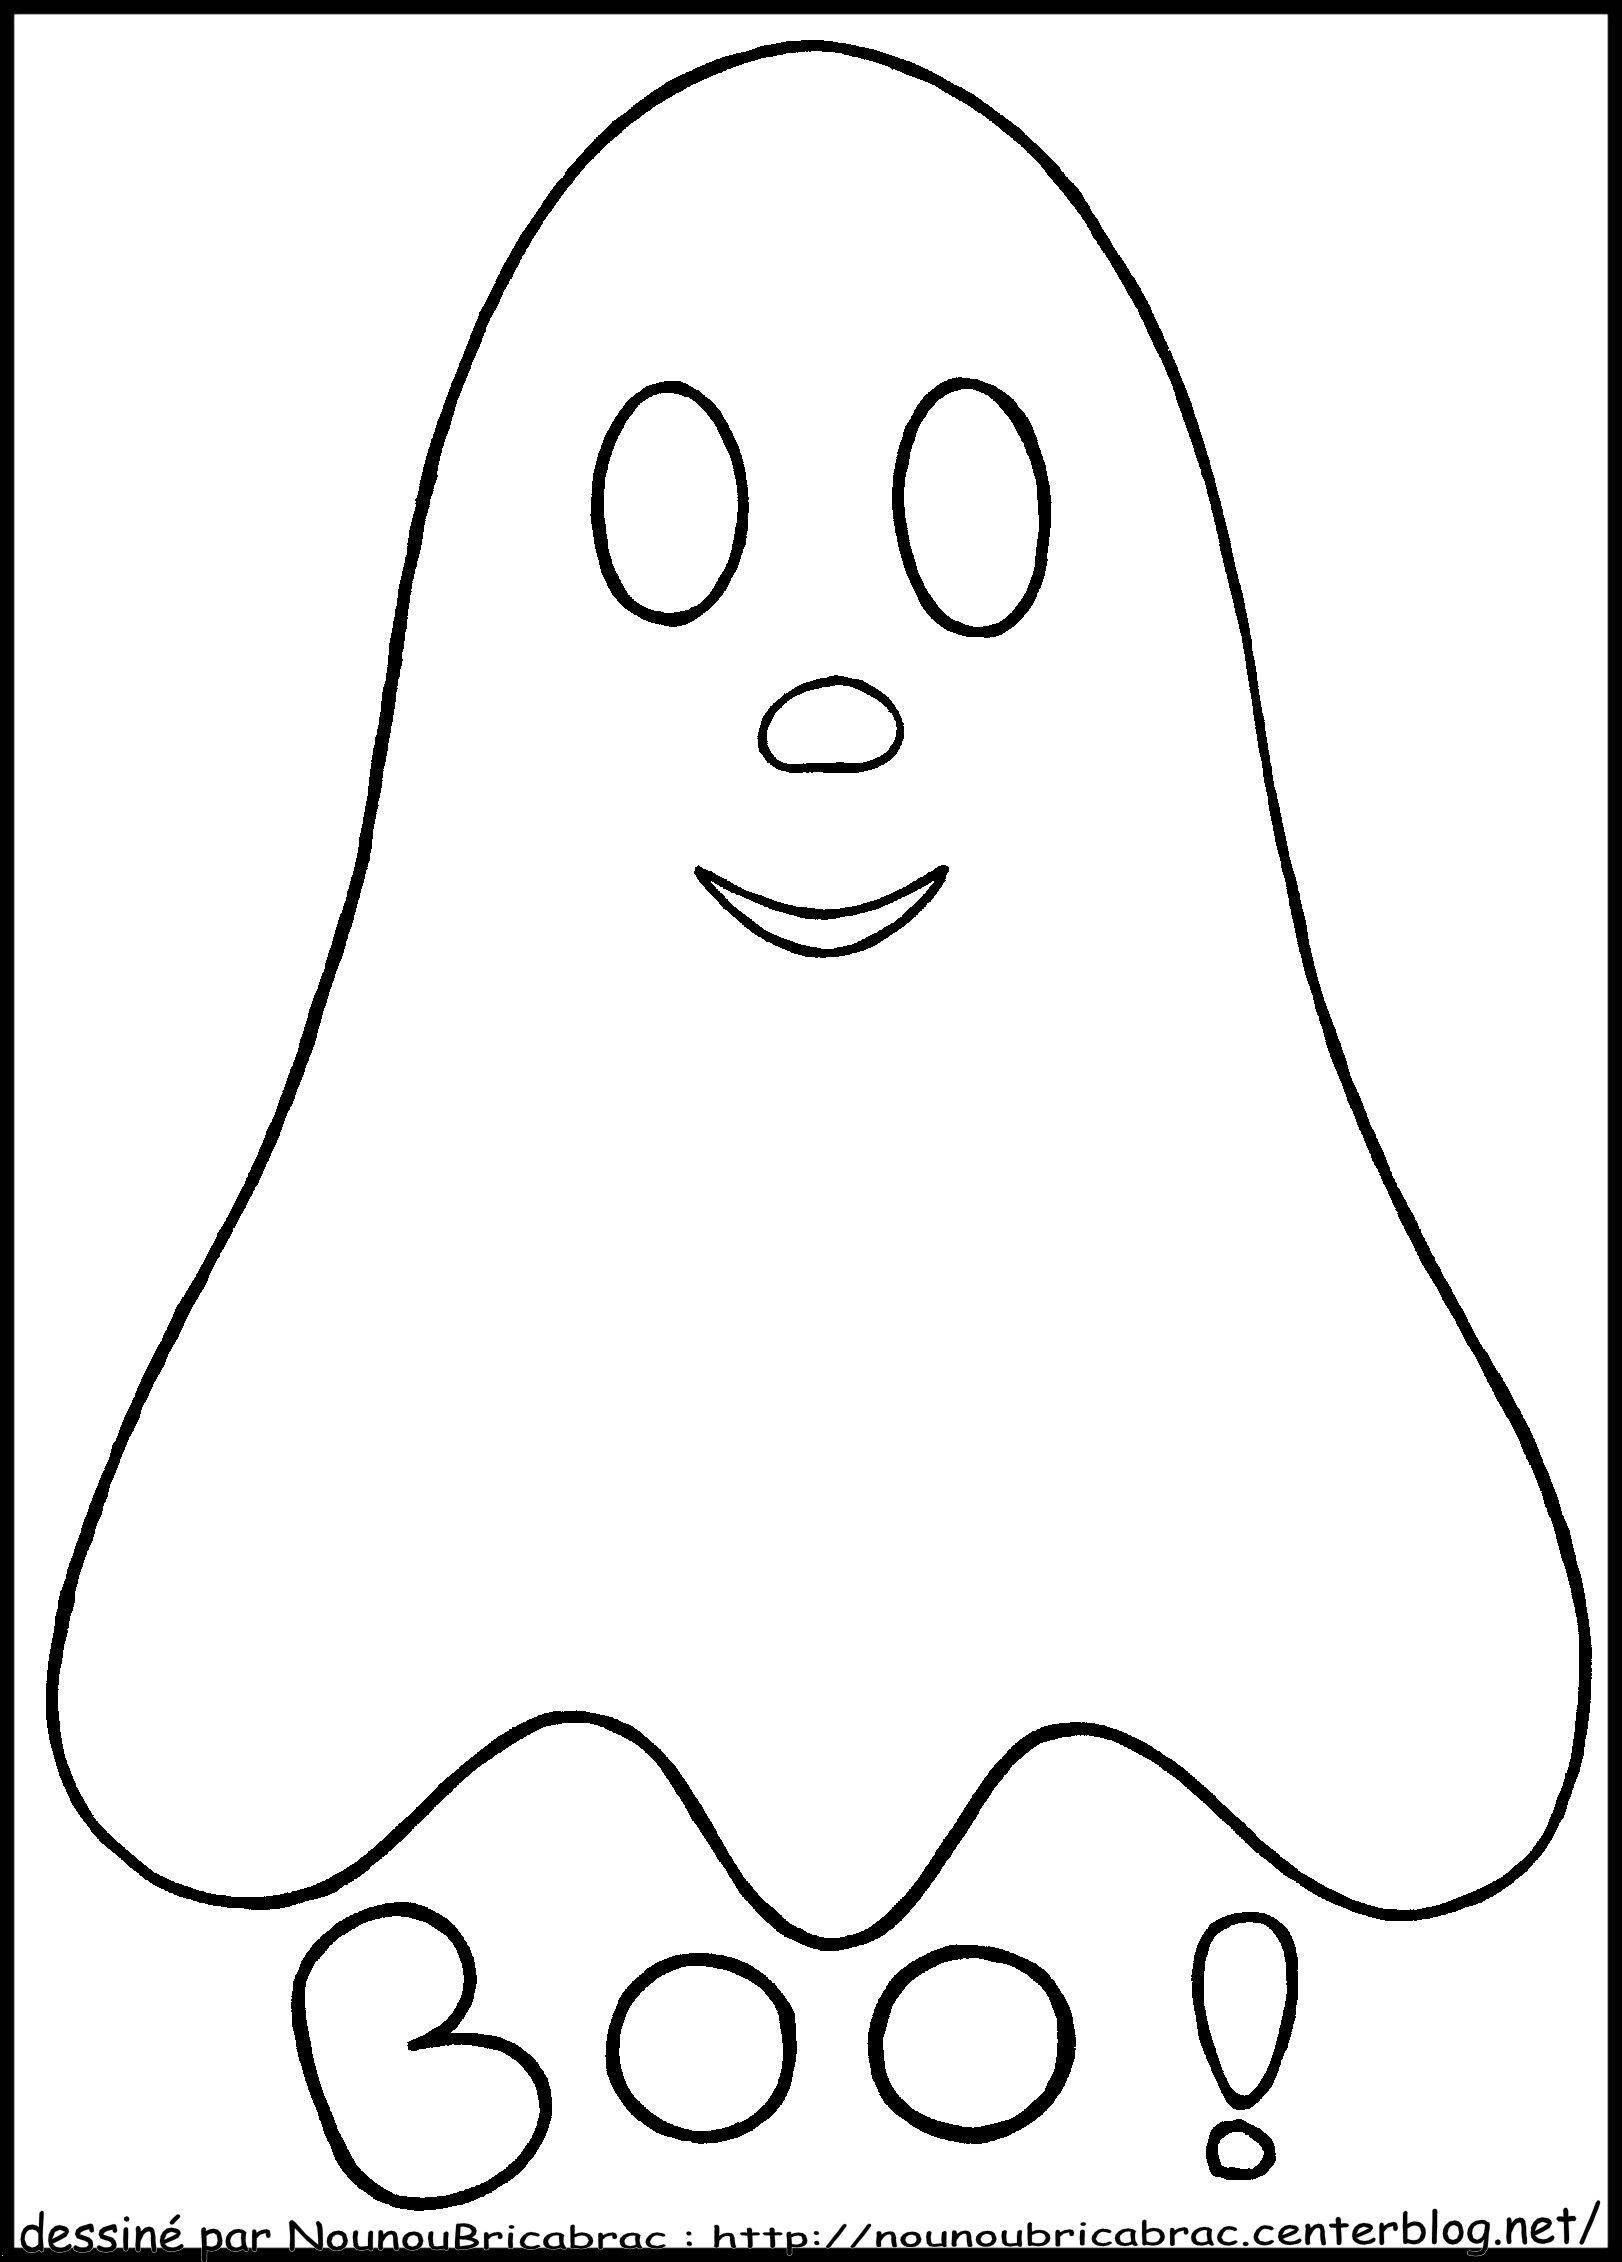 Fantome Dessin Facile - Google Search | Dessin Halloween tout Dessin D Halloween Facile A Dessiner